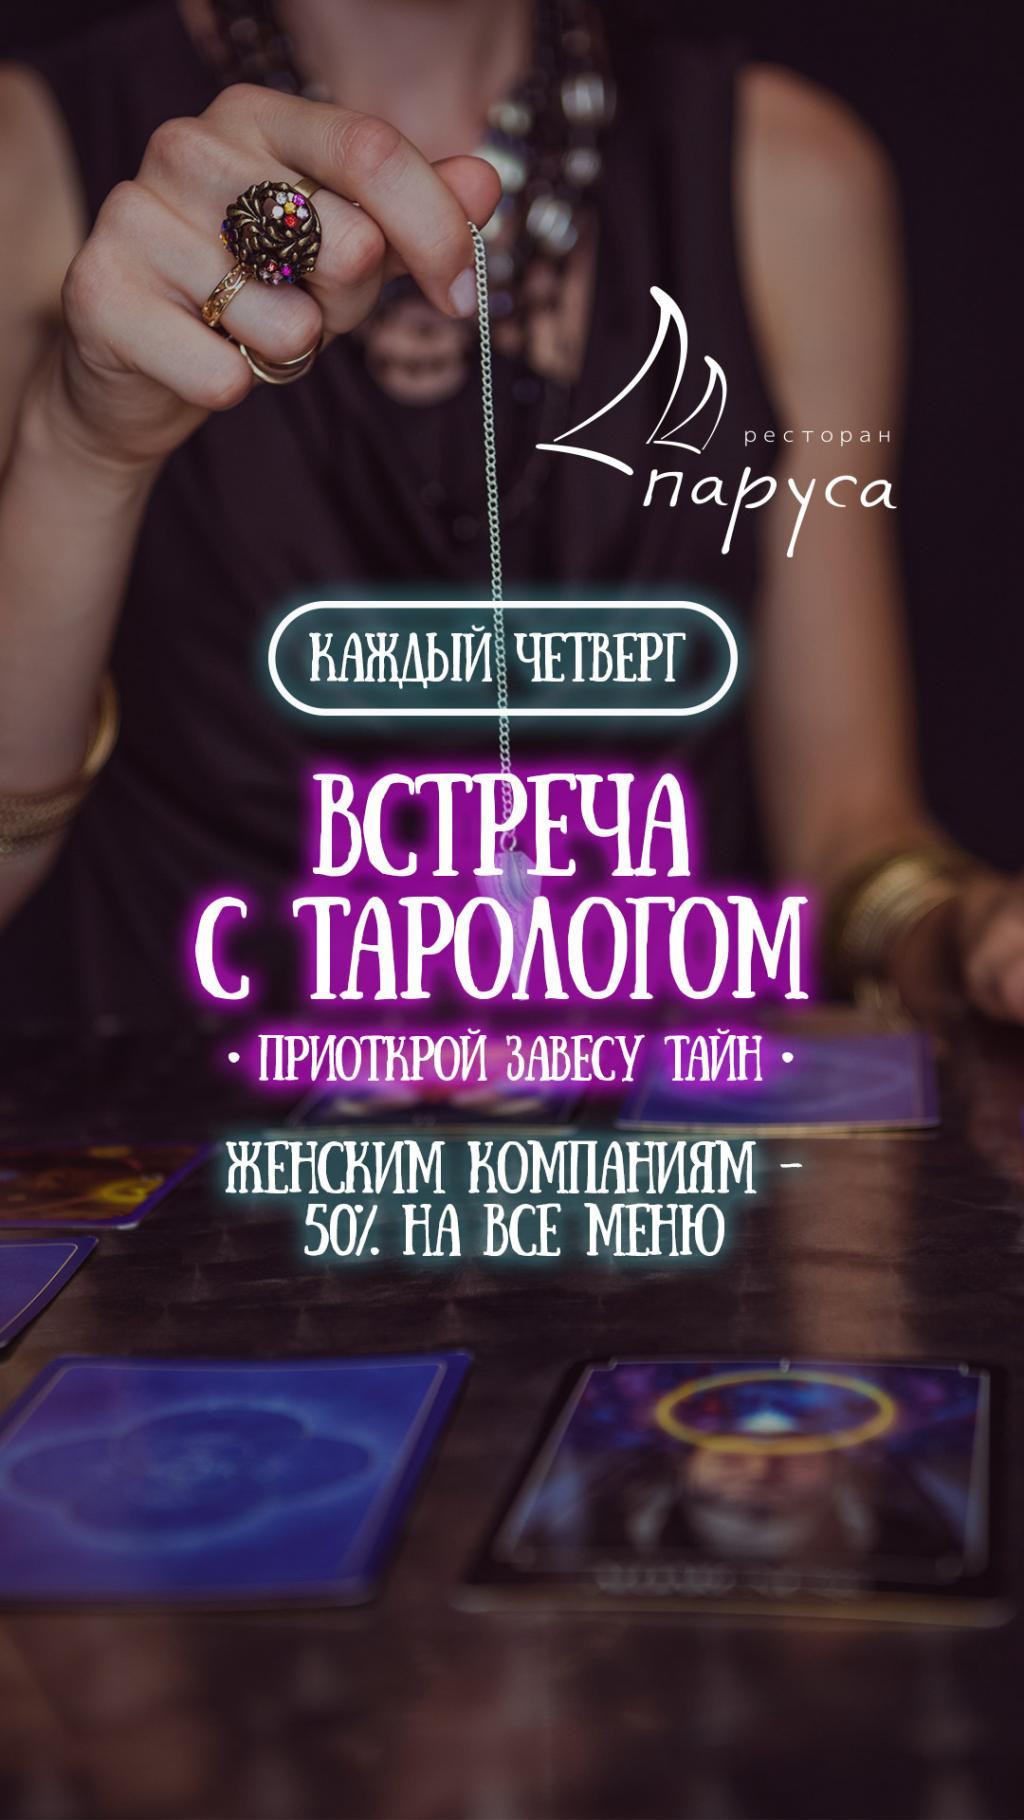 ТАРОЛОГ И СКИДКИ ЖЕНСКИМ КОМПАНИЯМ В ПАРУСАХ.